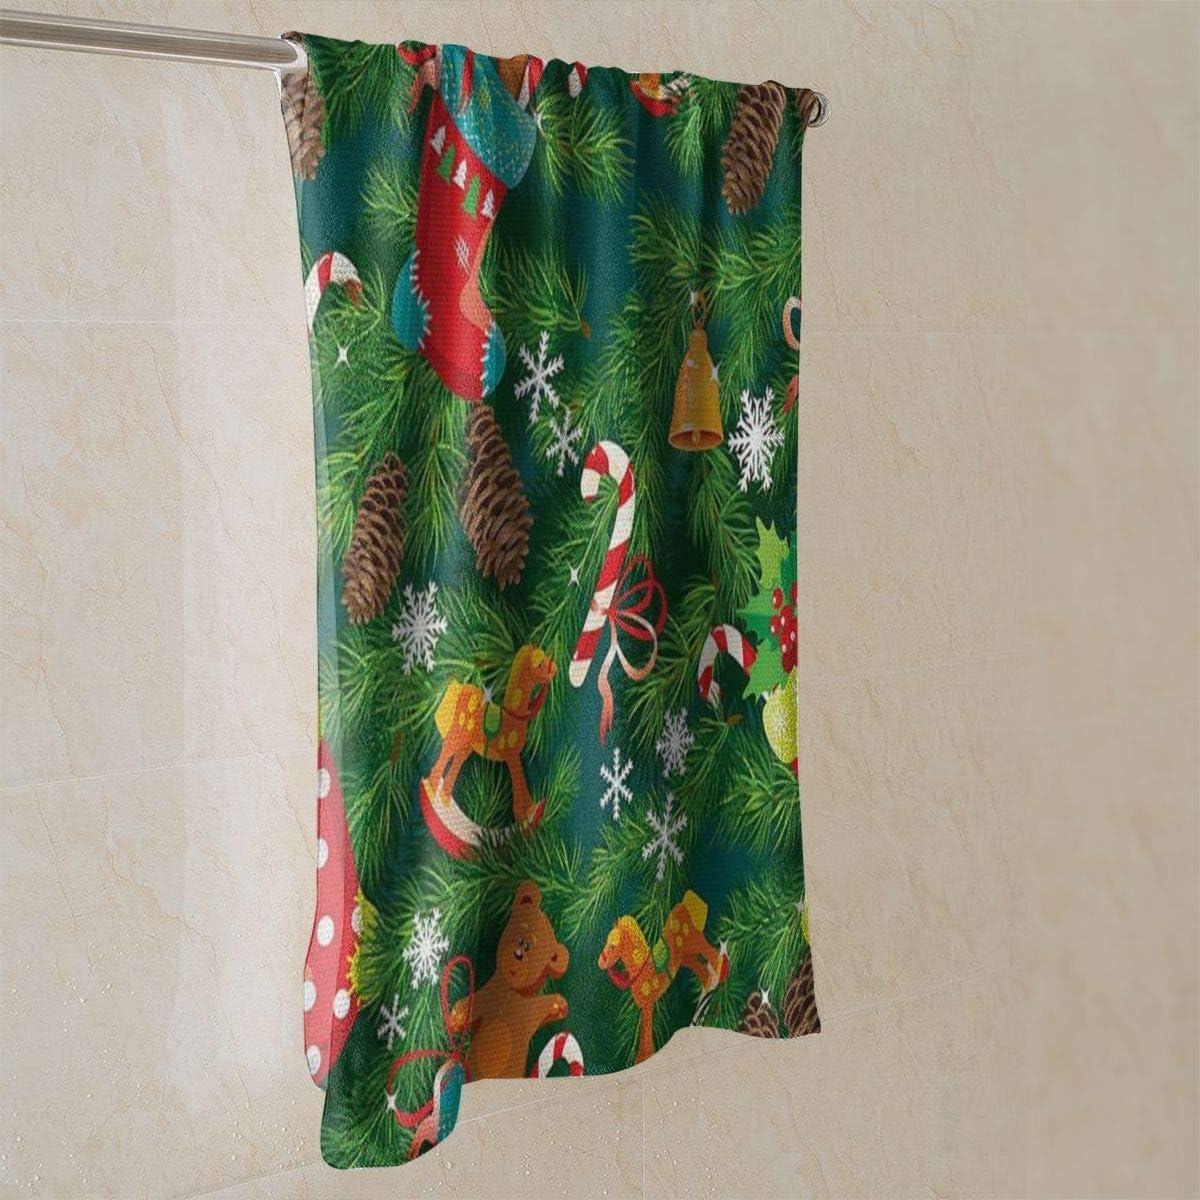 torchon pour Le s/échage Le Nettoyage la Cuisson 40x70cm Accessoires de No/ël Bas torchons de Cuisine lavables en Coton